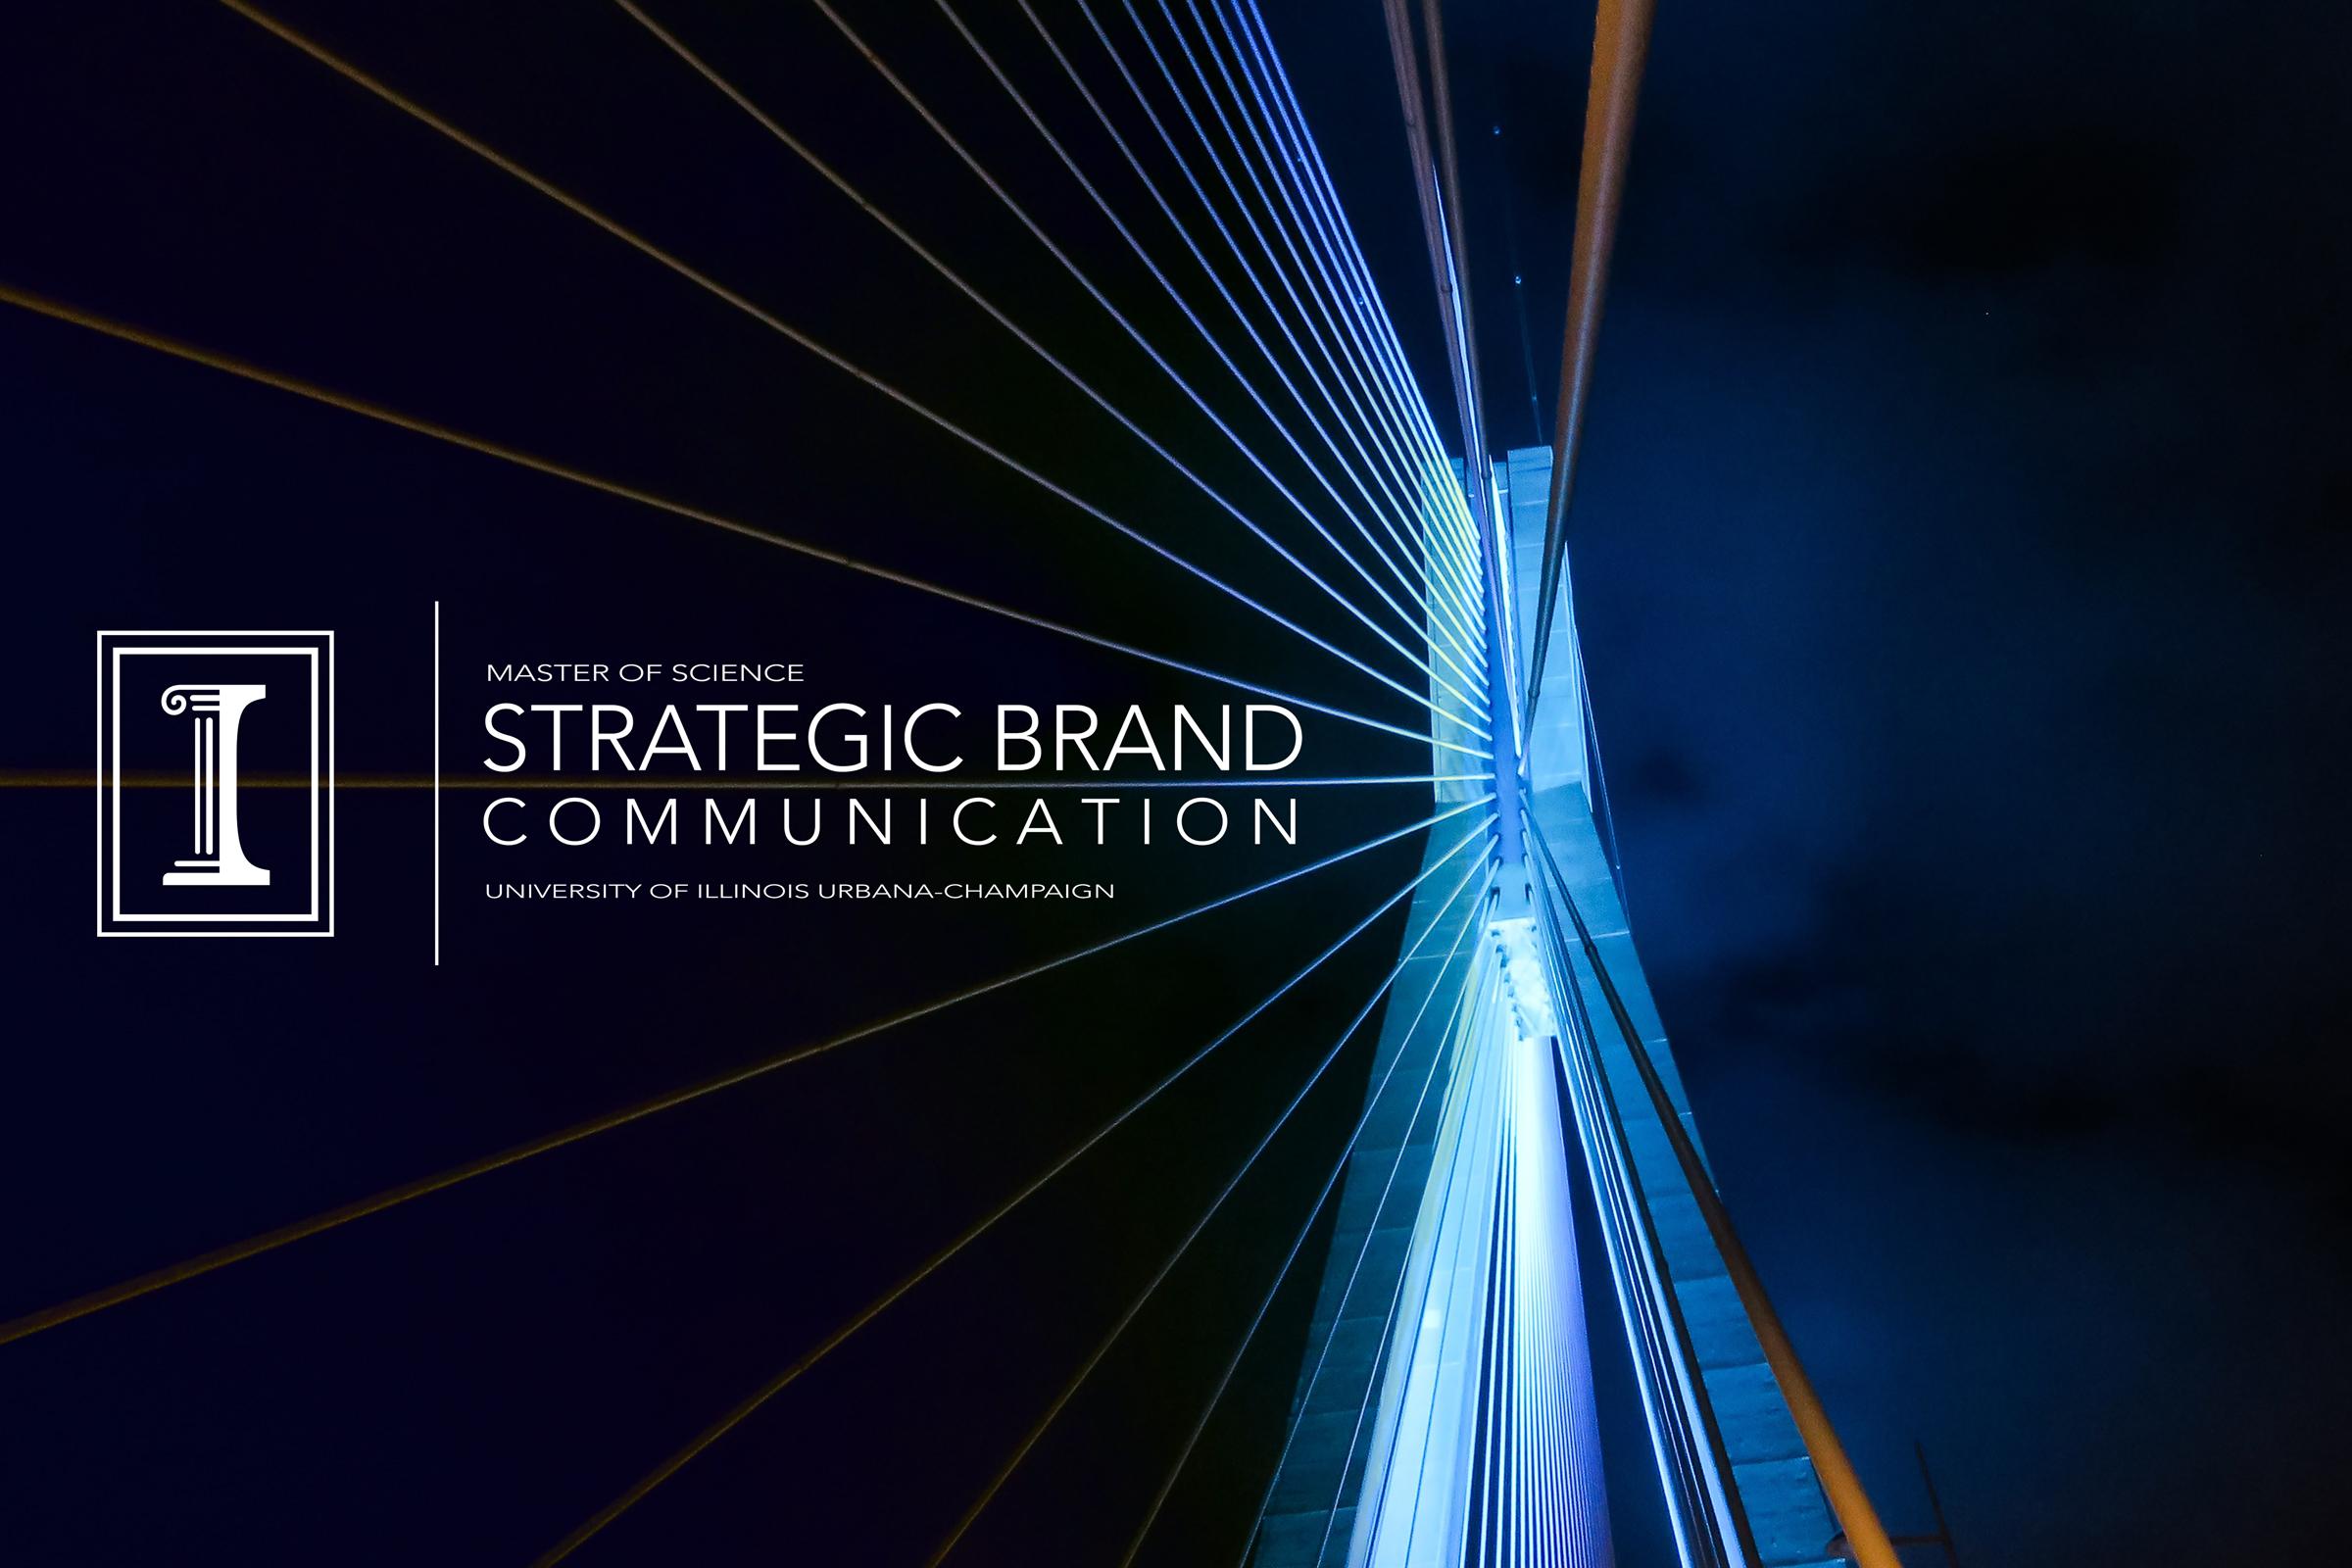 New online master's degree in strategic brand communication